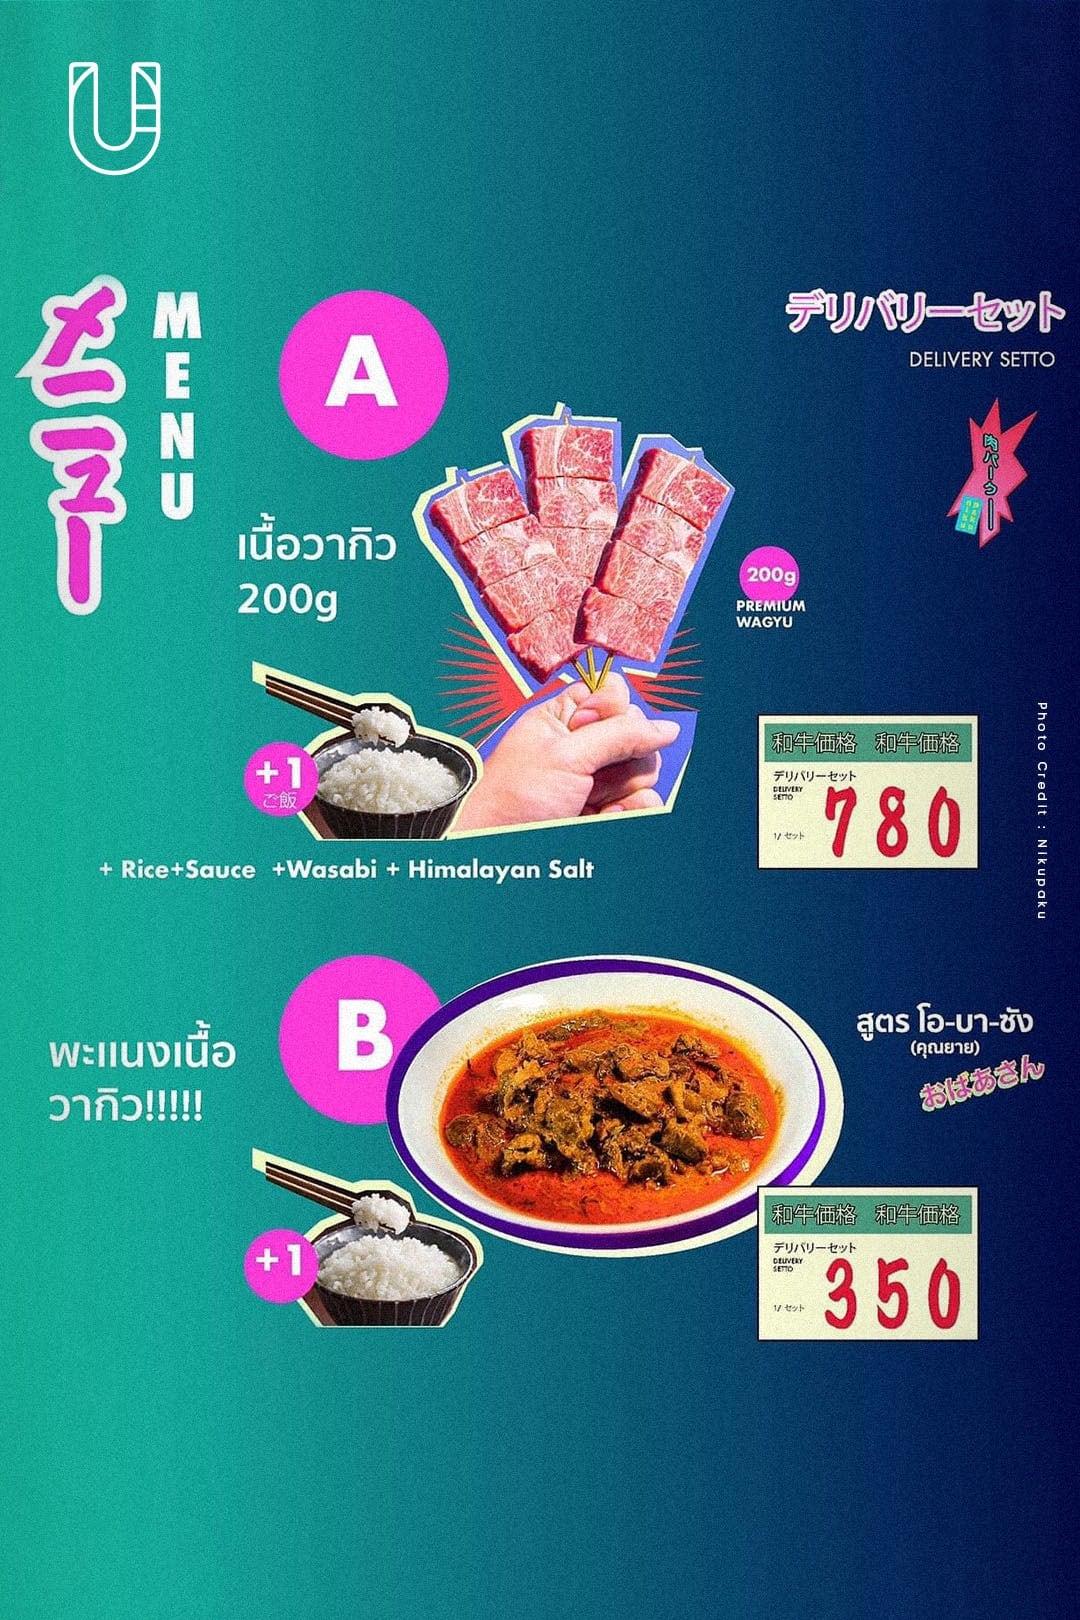 เมนู-เนื้อวากิว-พะแนงเนื้อวากิว-nikupaku-เนื้อโคราช